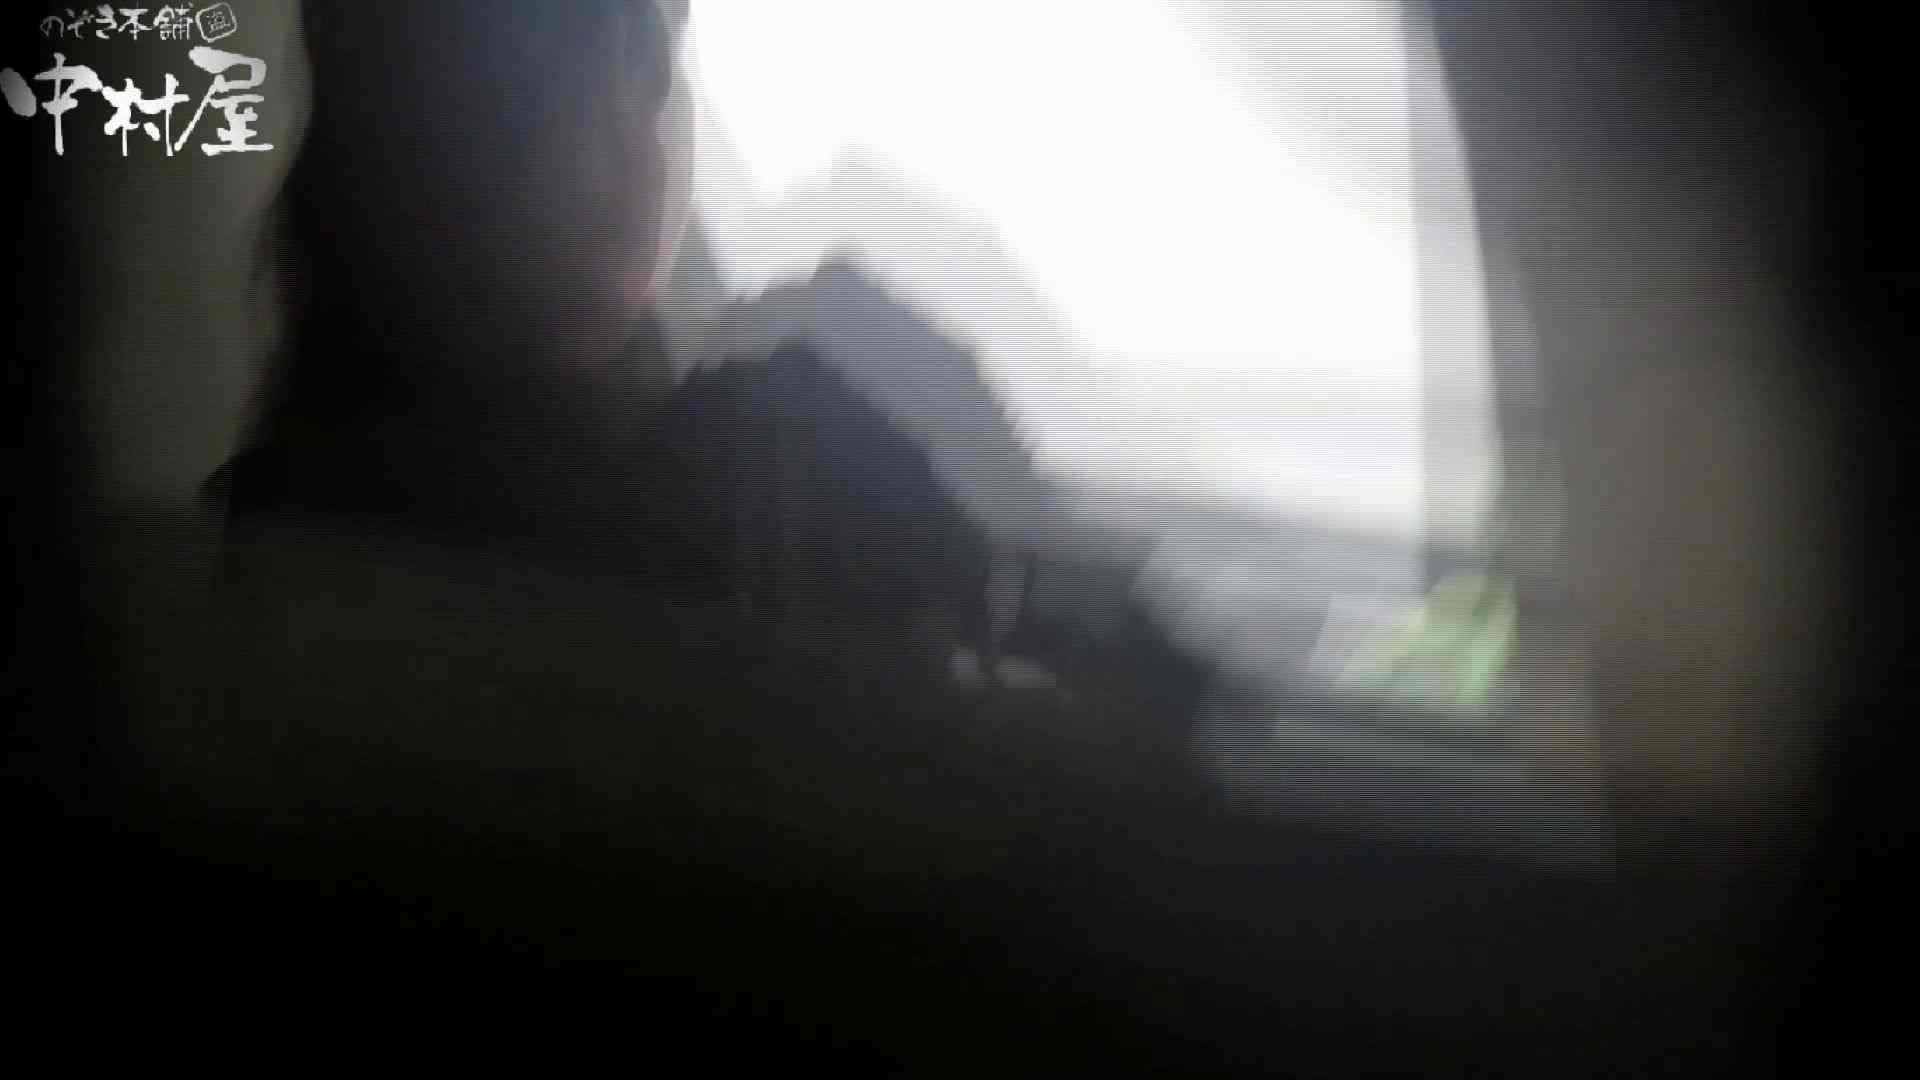 世界の射窓から~ステーション編~vol40 更に画質アップ!! OLハメ撮り  49Pix 20